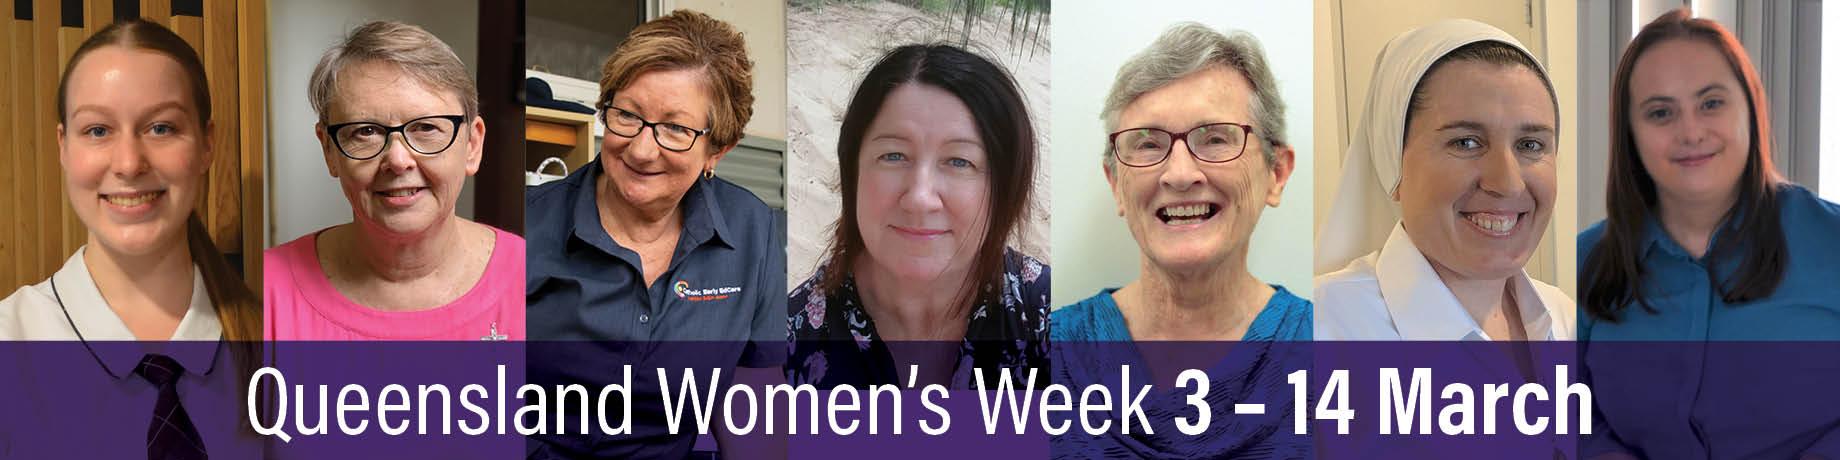 Queensland Women's Week